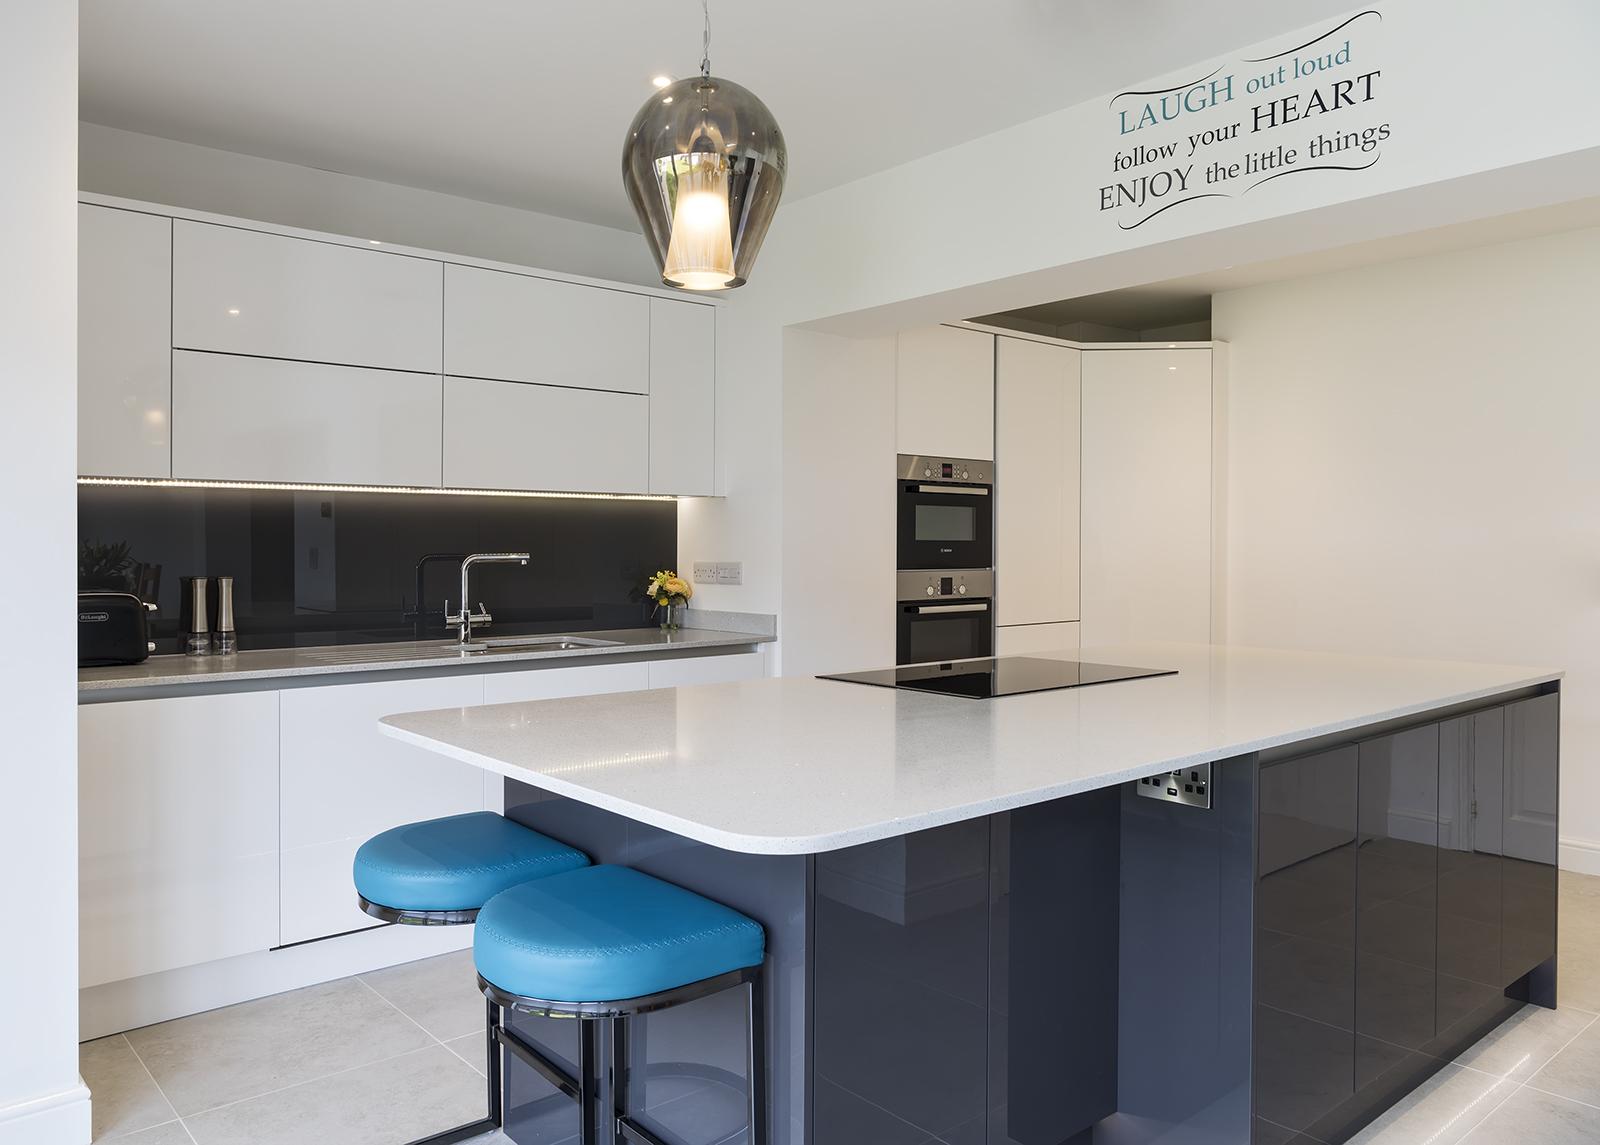 Portishead Zola Gloss White Kitchen for Mr & Mrs Cobb of North Somerset